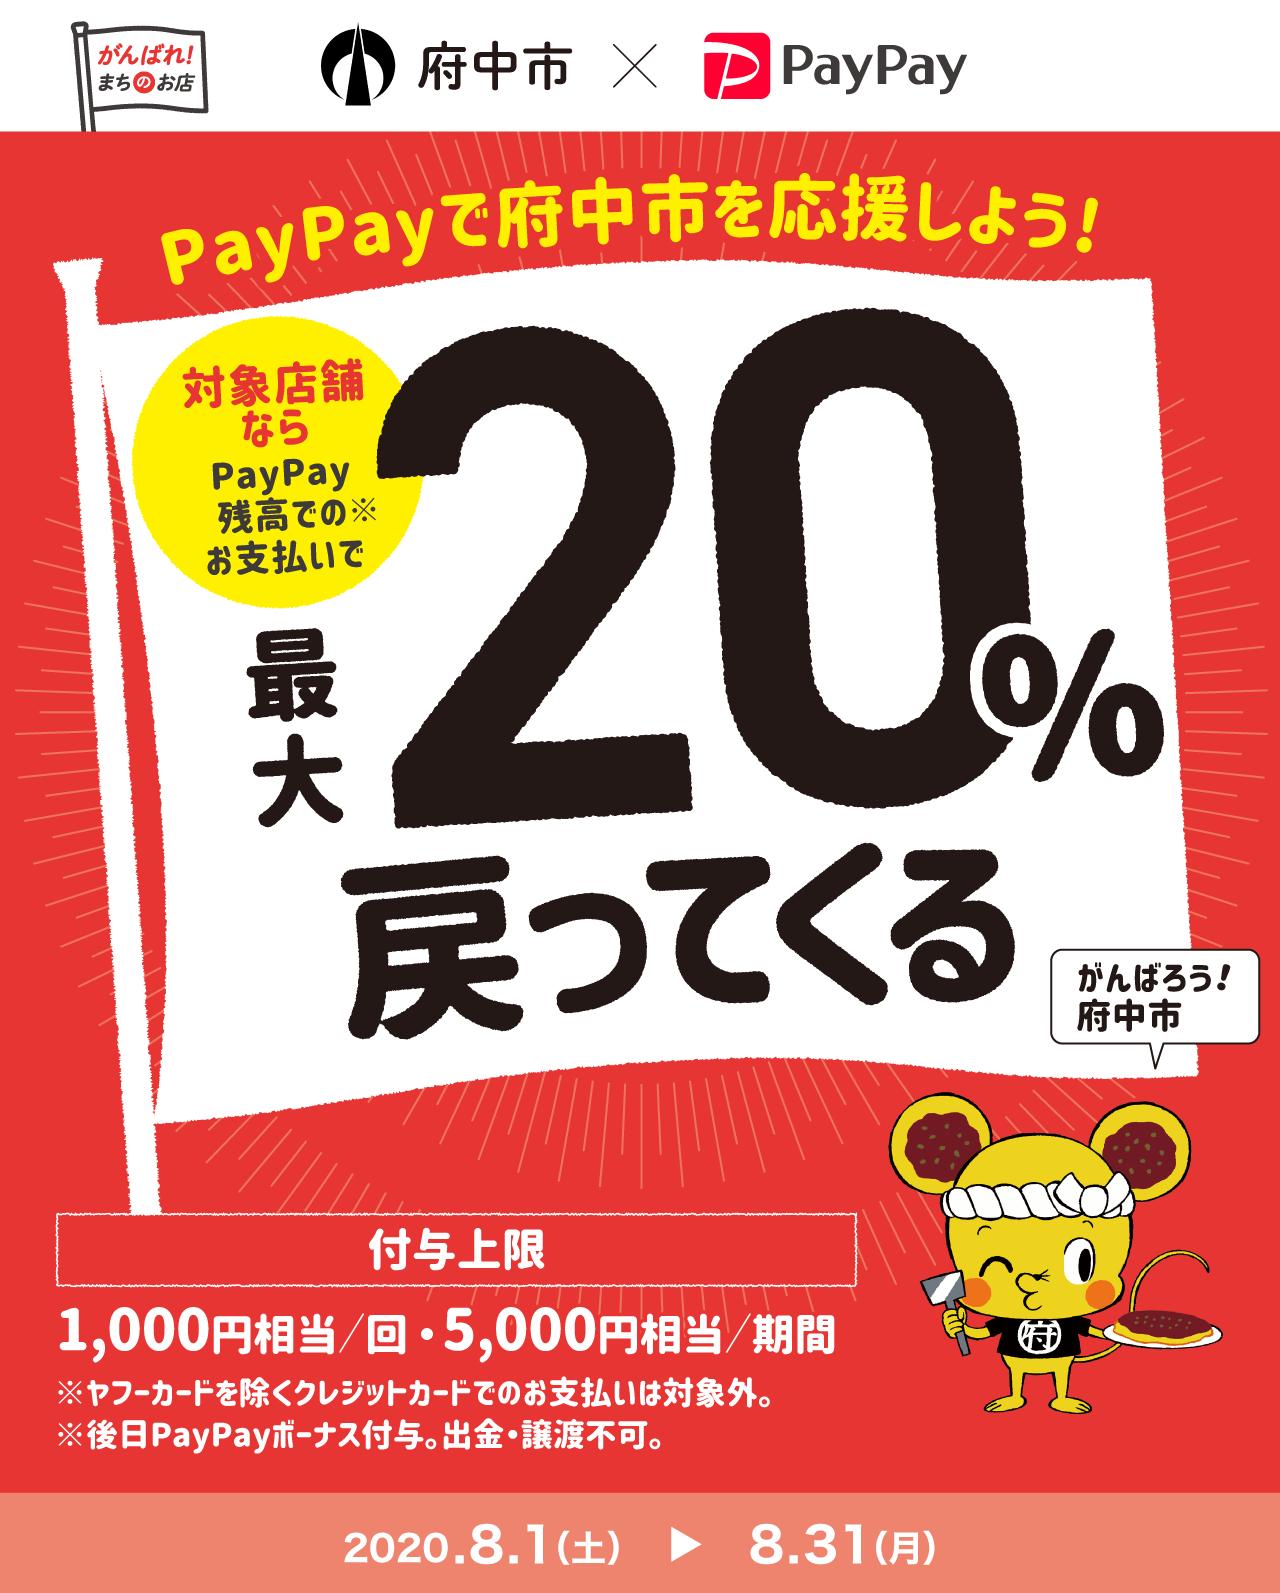 PayPayで府中市を応援しよう! 対象店舗ならPayPay残高でのお支払いで 最大20%戻ってくる